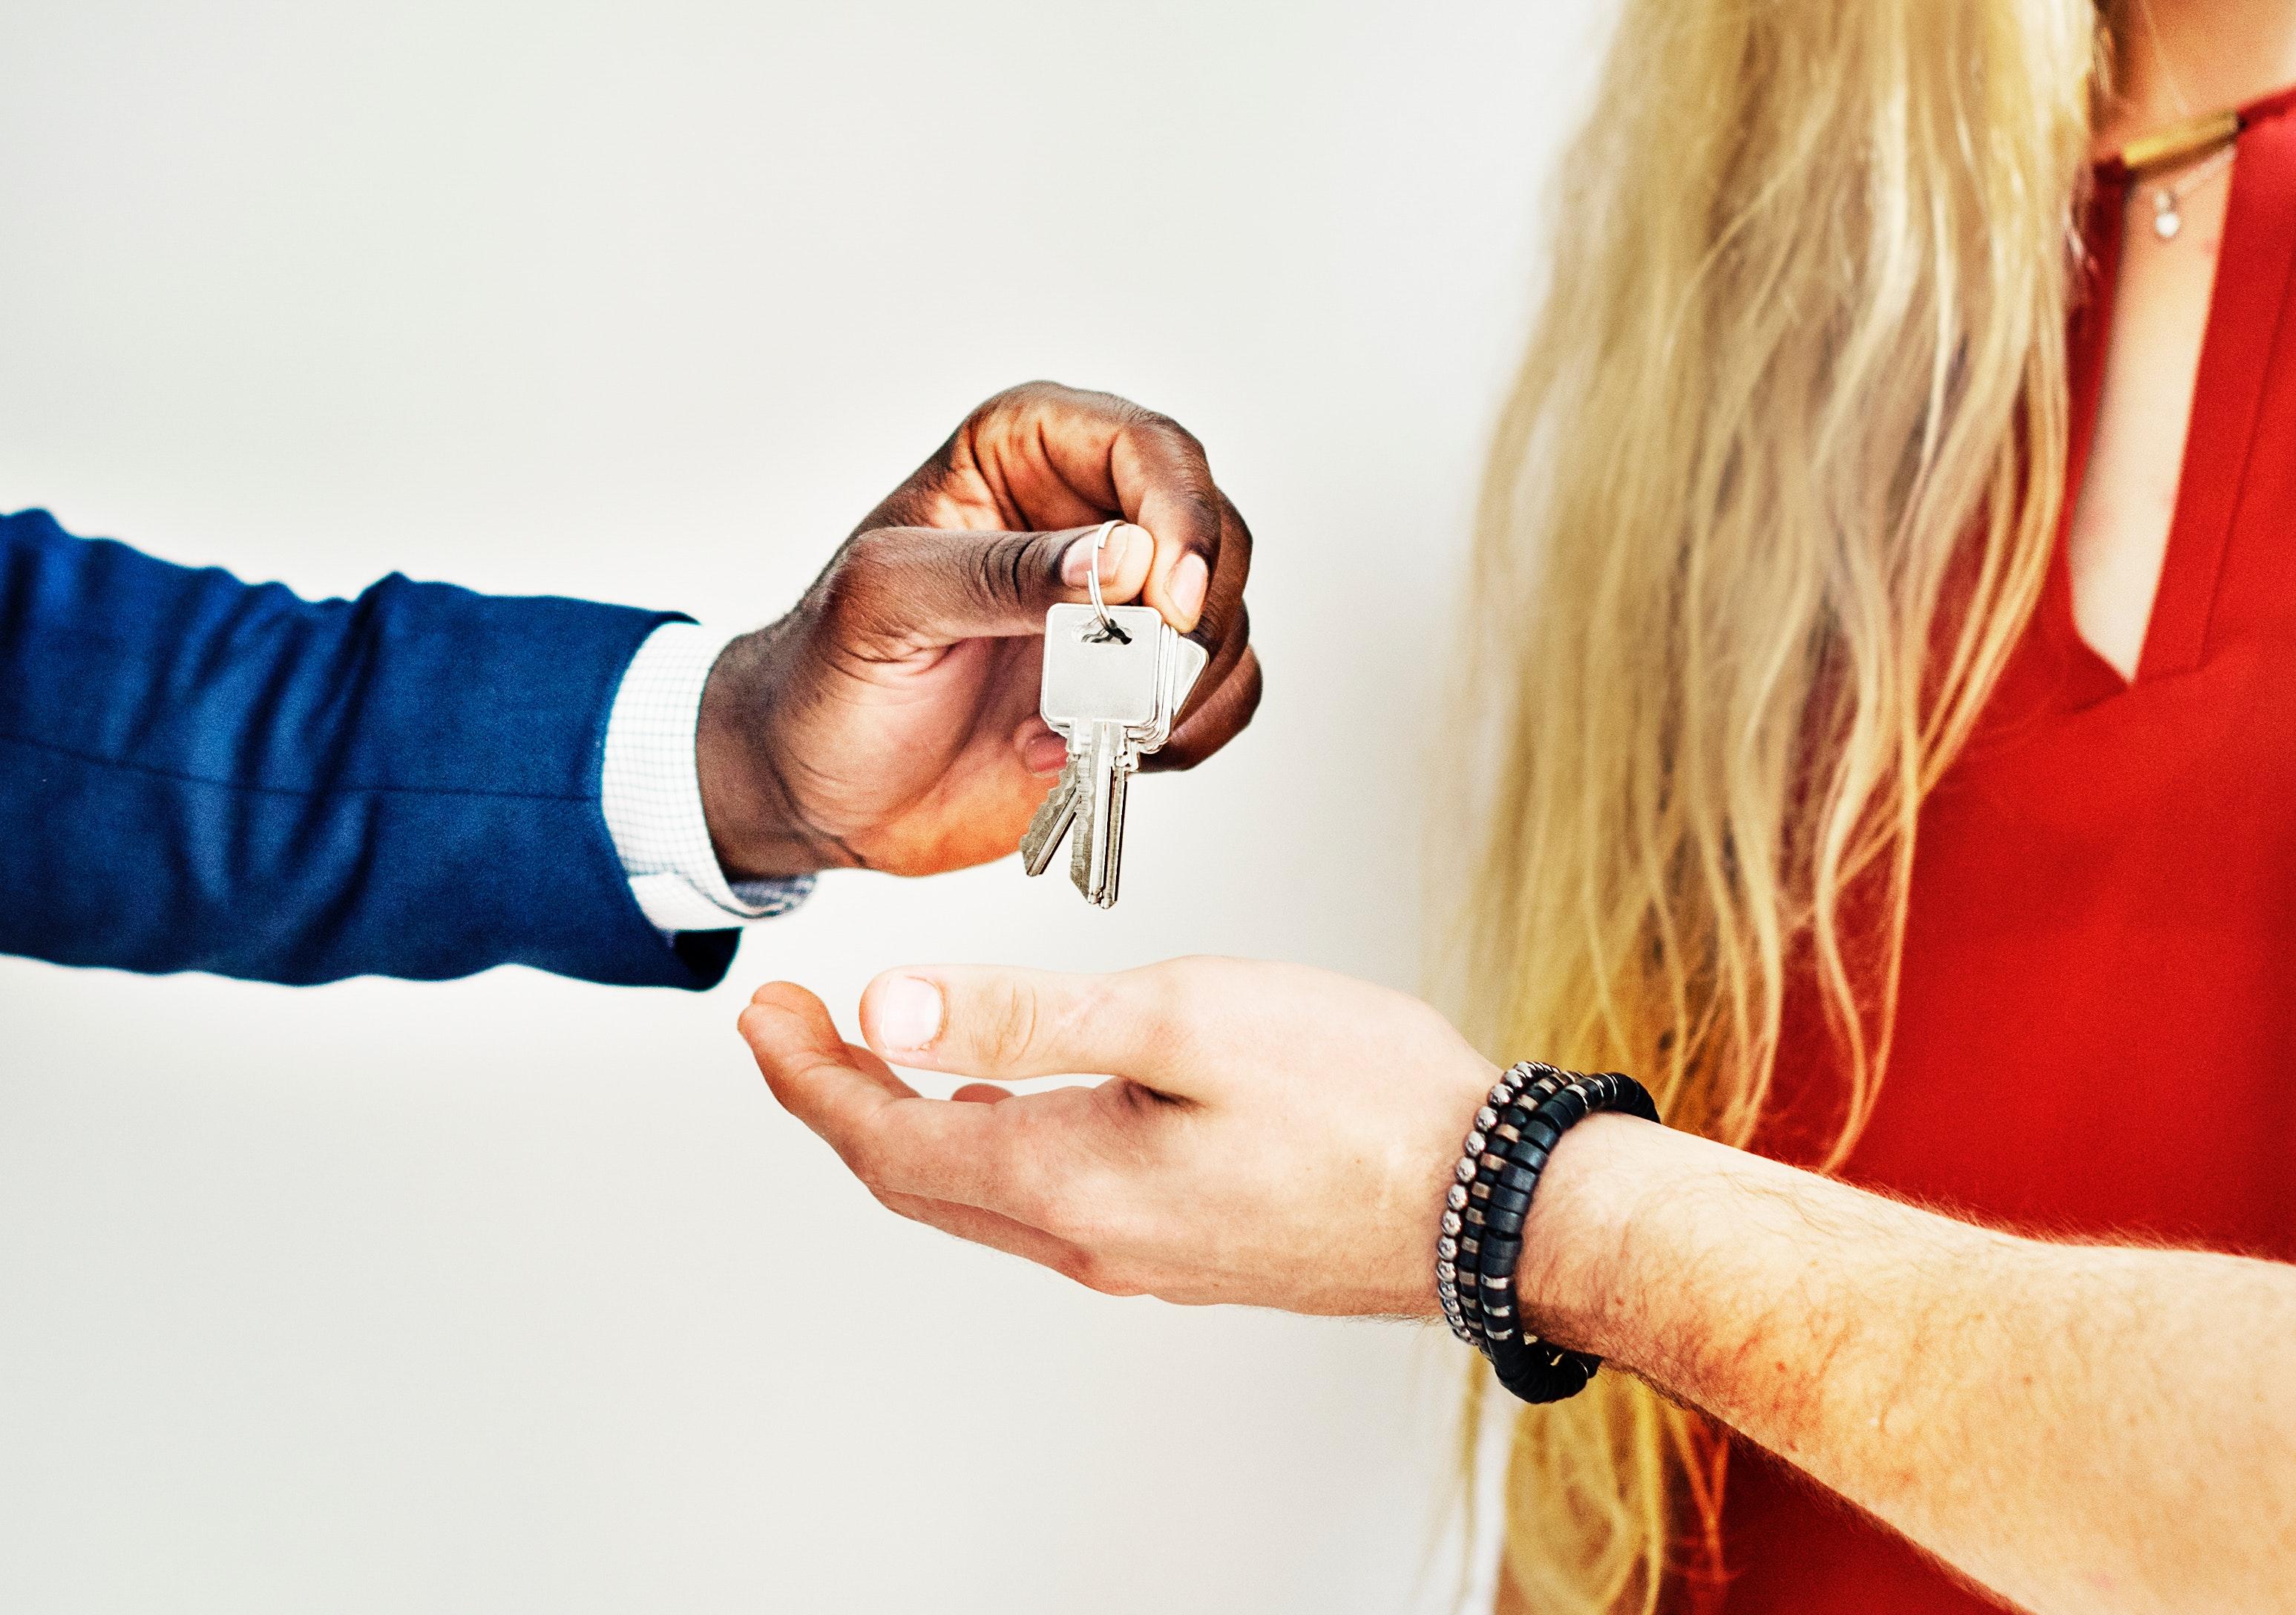 broker-buy-customers-1368687